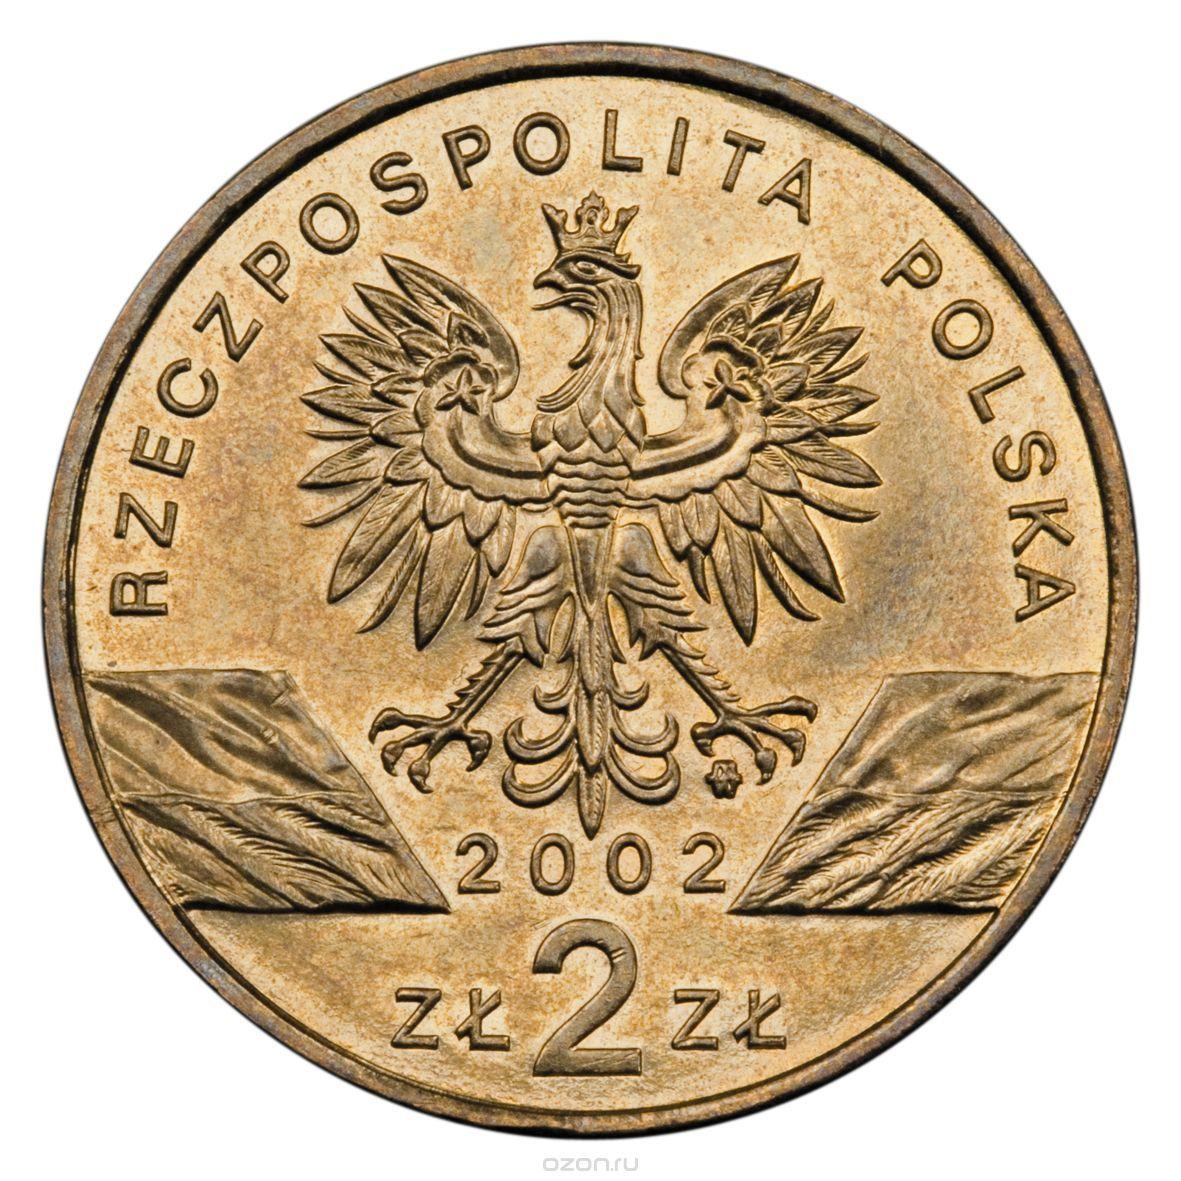 2 злотых Европейская болотная черепаха (животный мир) 2002 год, Польша. UNC